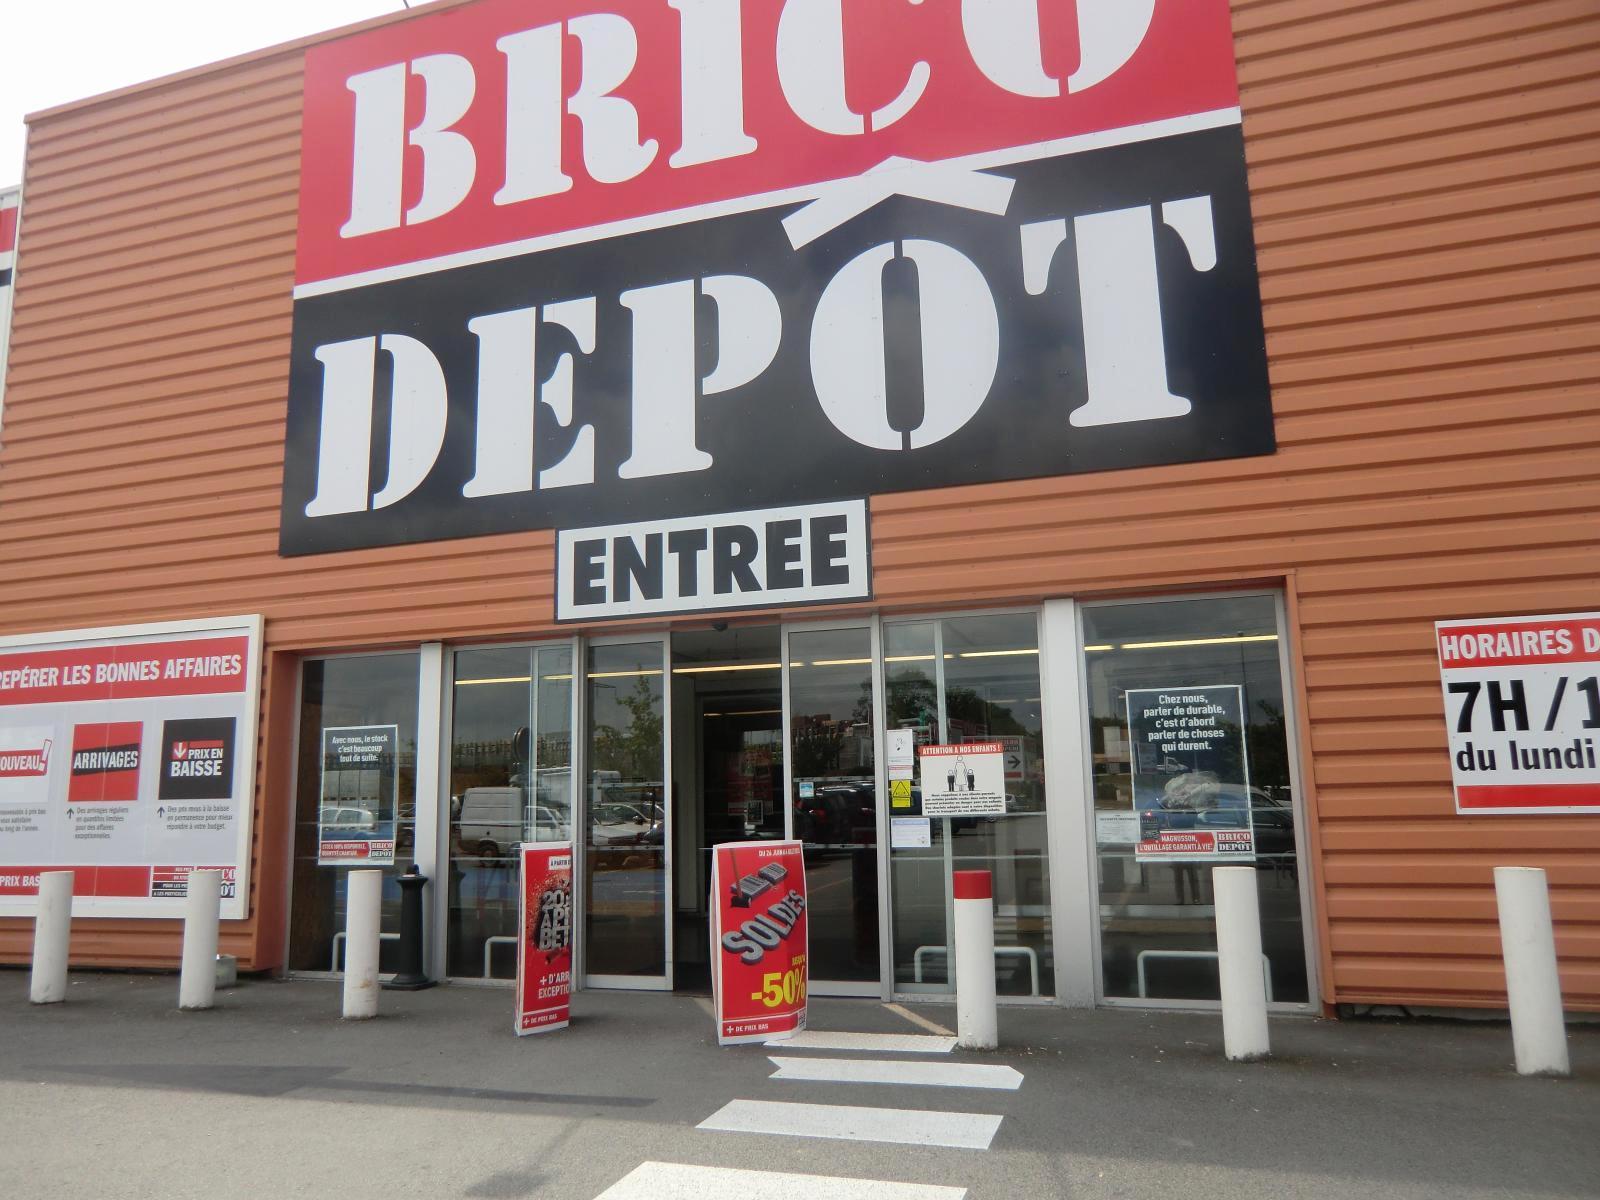 regard beton brico depot meilleur de abri jardin concernant longwy regard beton brico depot unique fer ides of 1